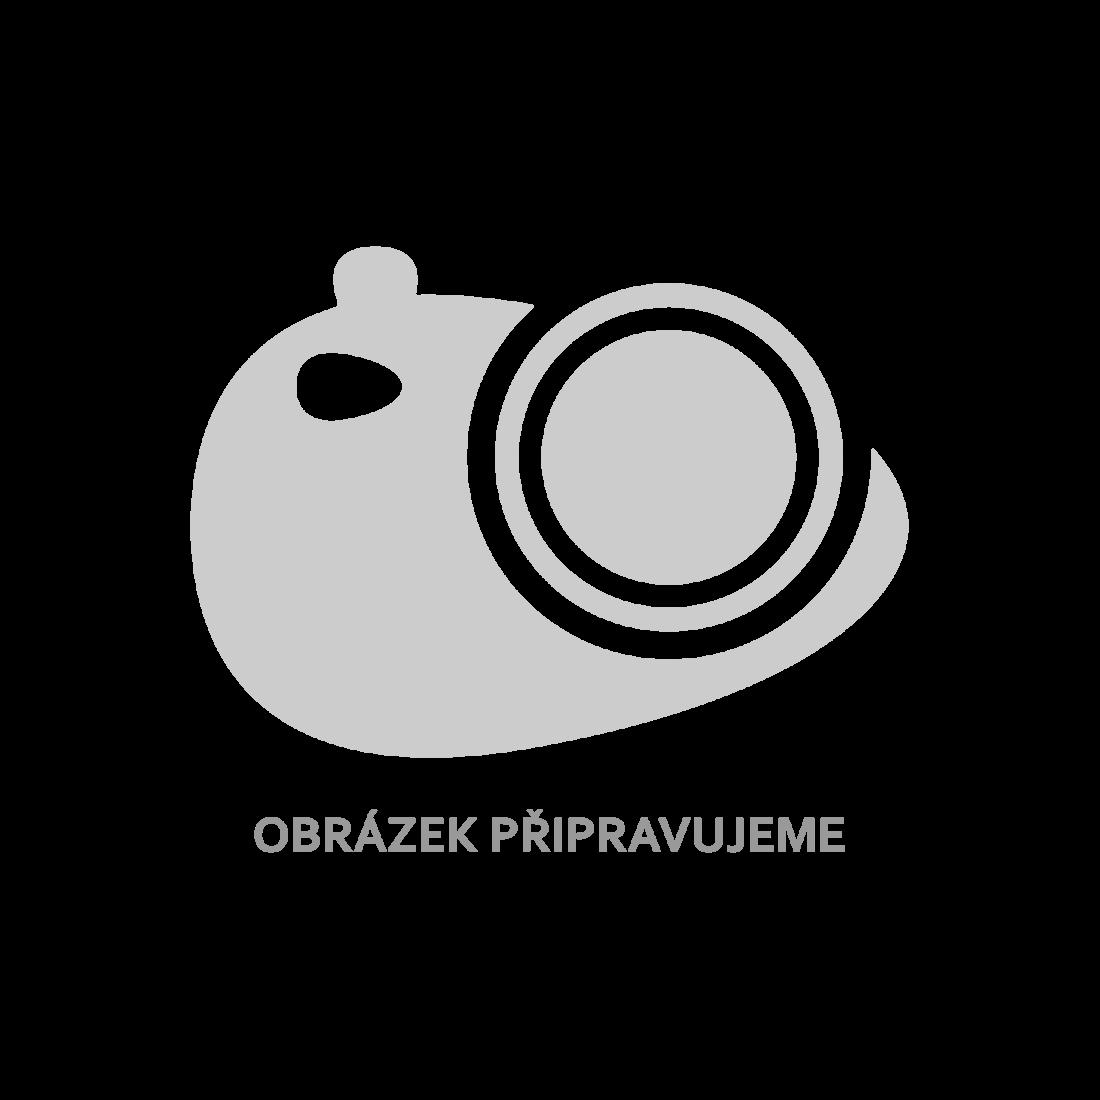 vidaXL Jídelní stůl bílý 180 x 90 x 75 cm tvrzené sklo [281554]